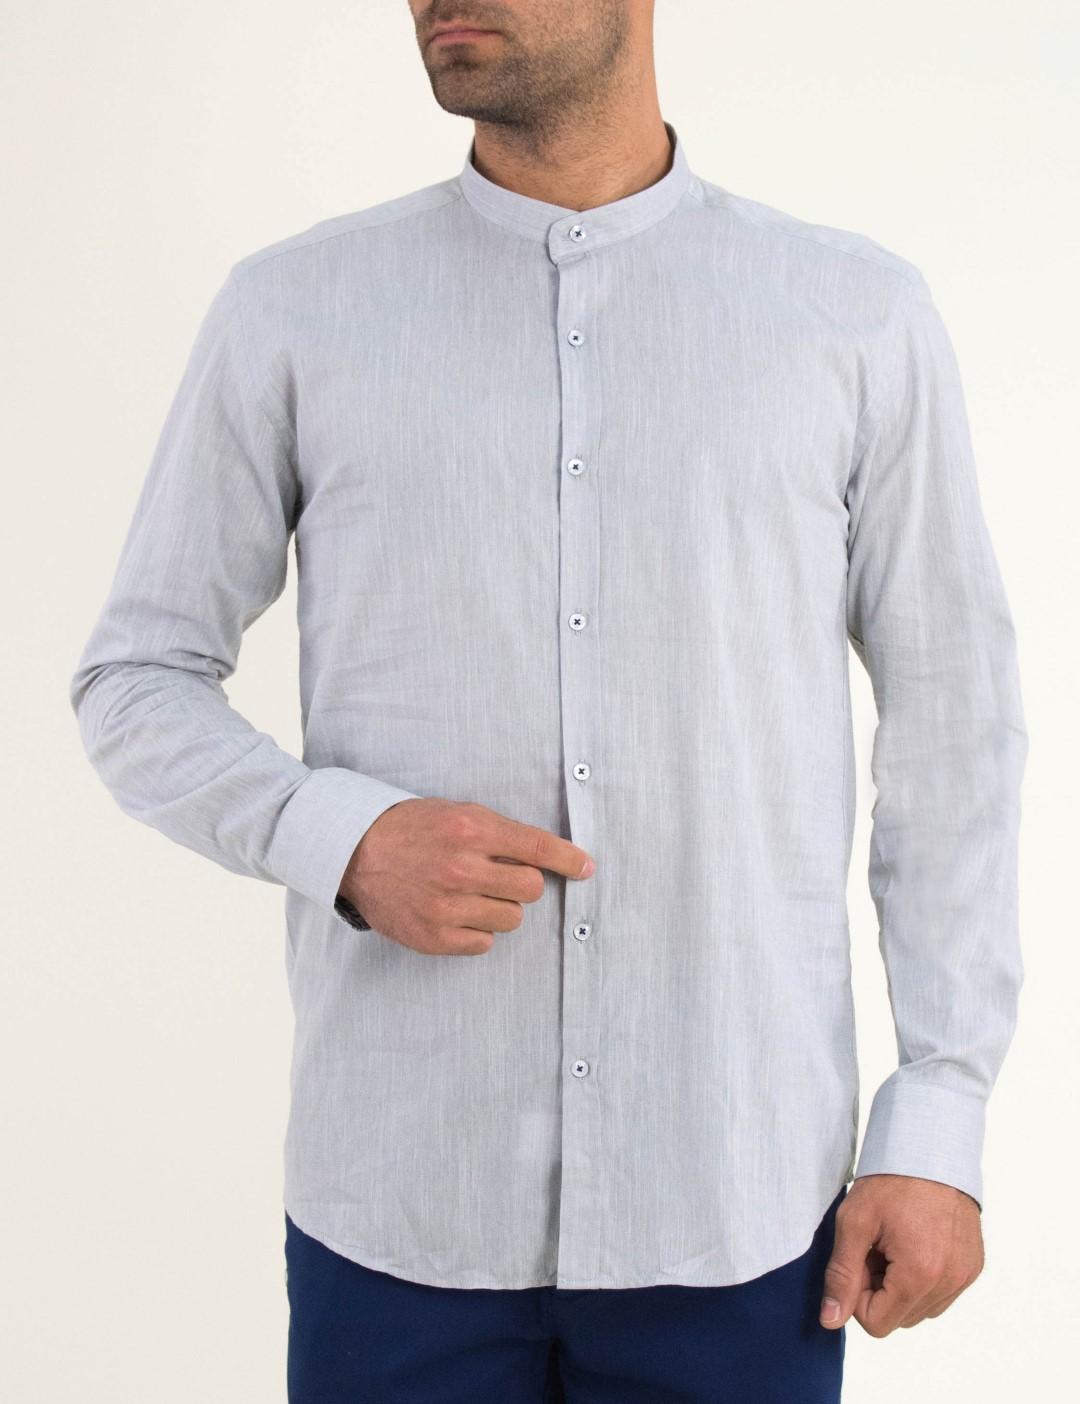 b66723817c24 Ανδρικό γκρι πουκάμισο μαο γιακά Firenze 0195110F